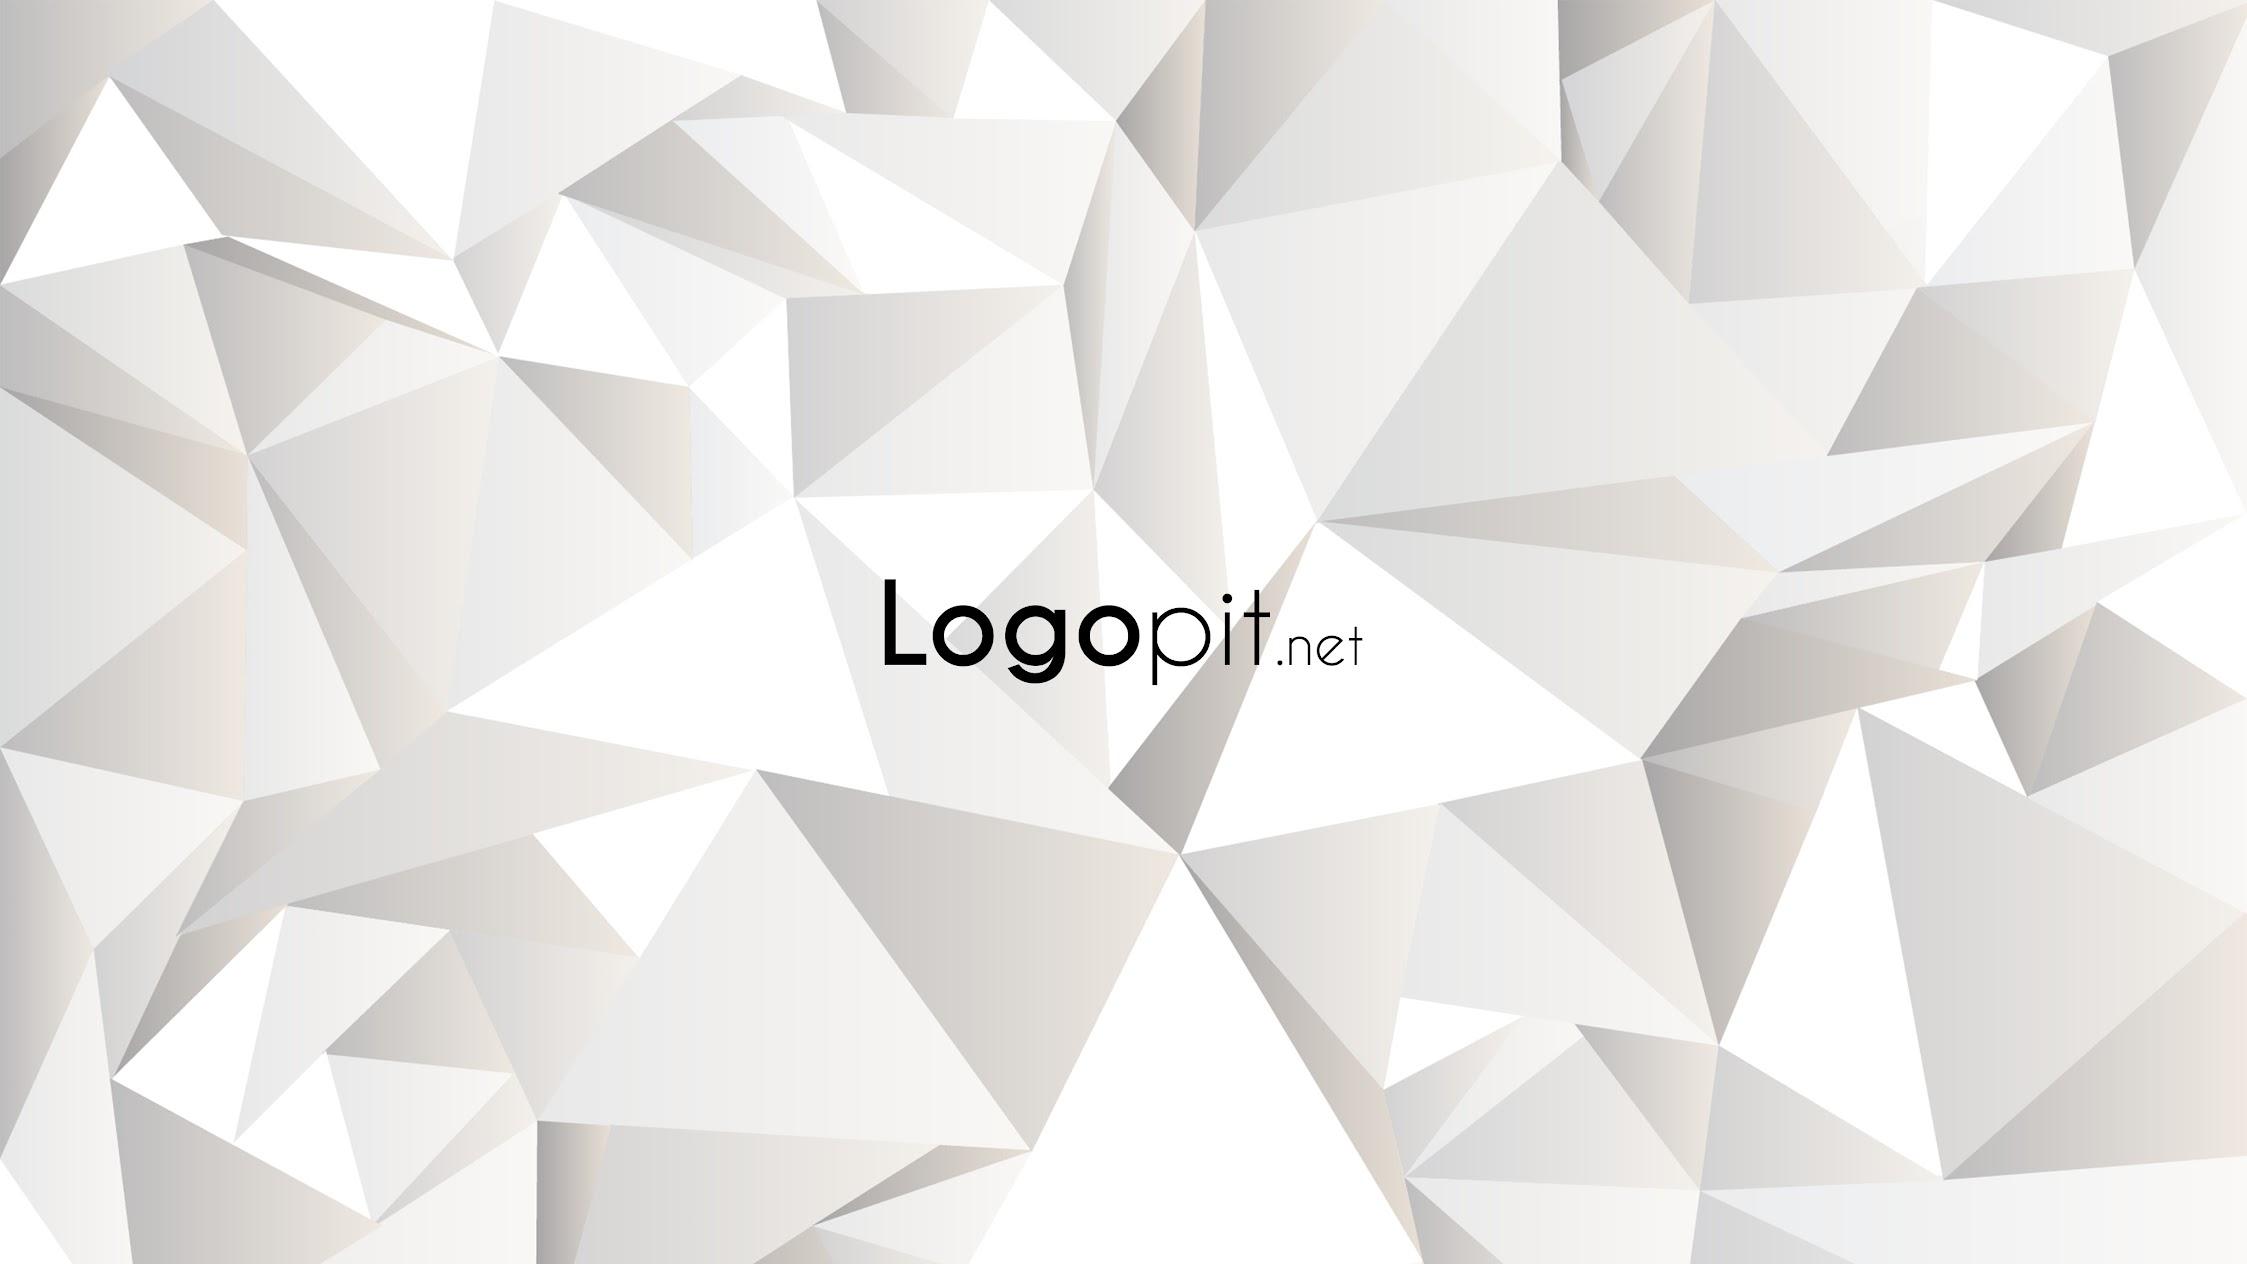 Logopit